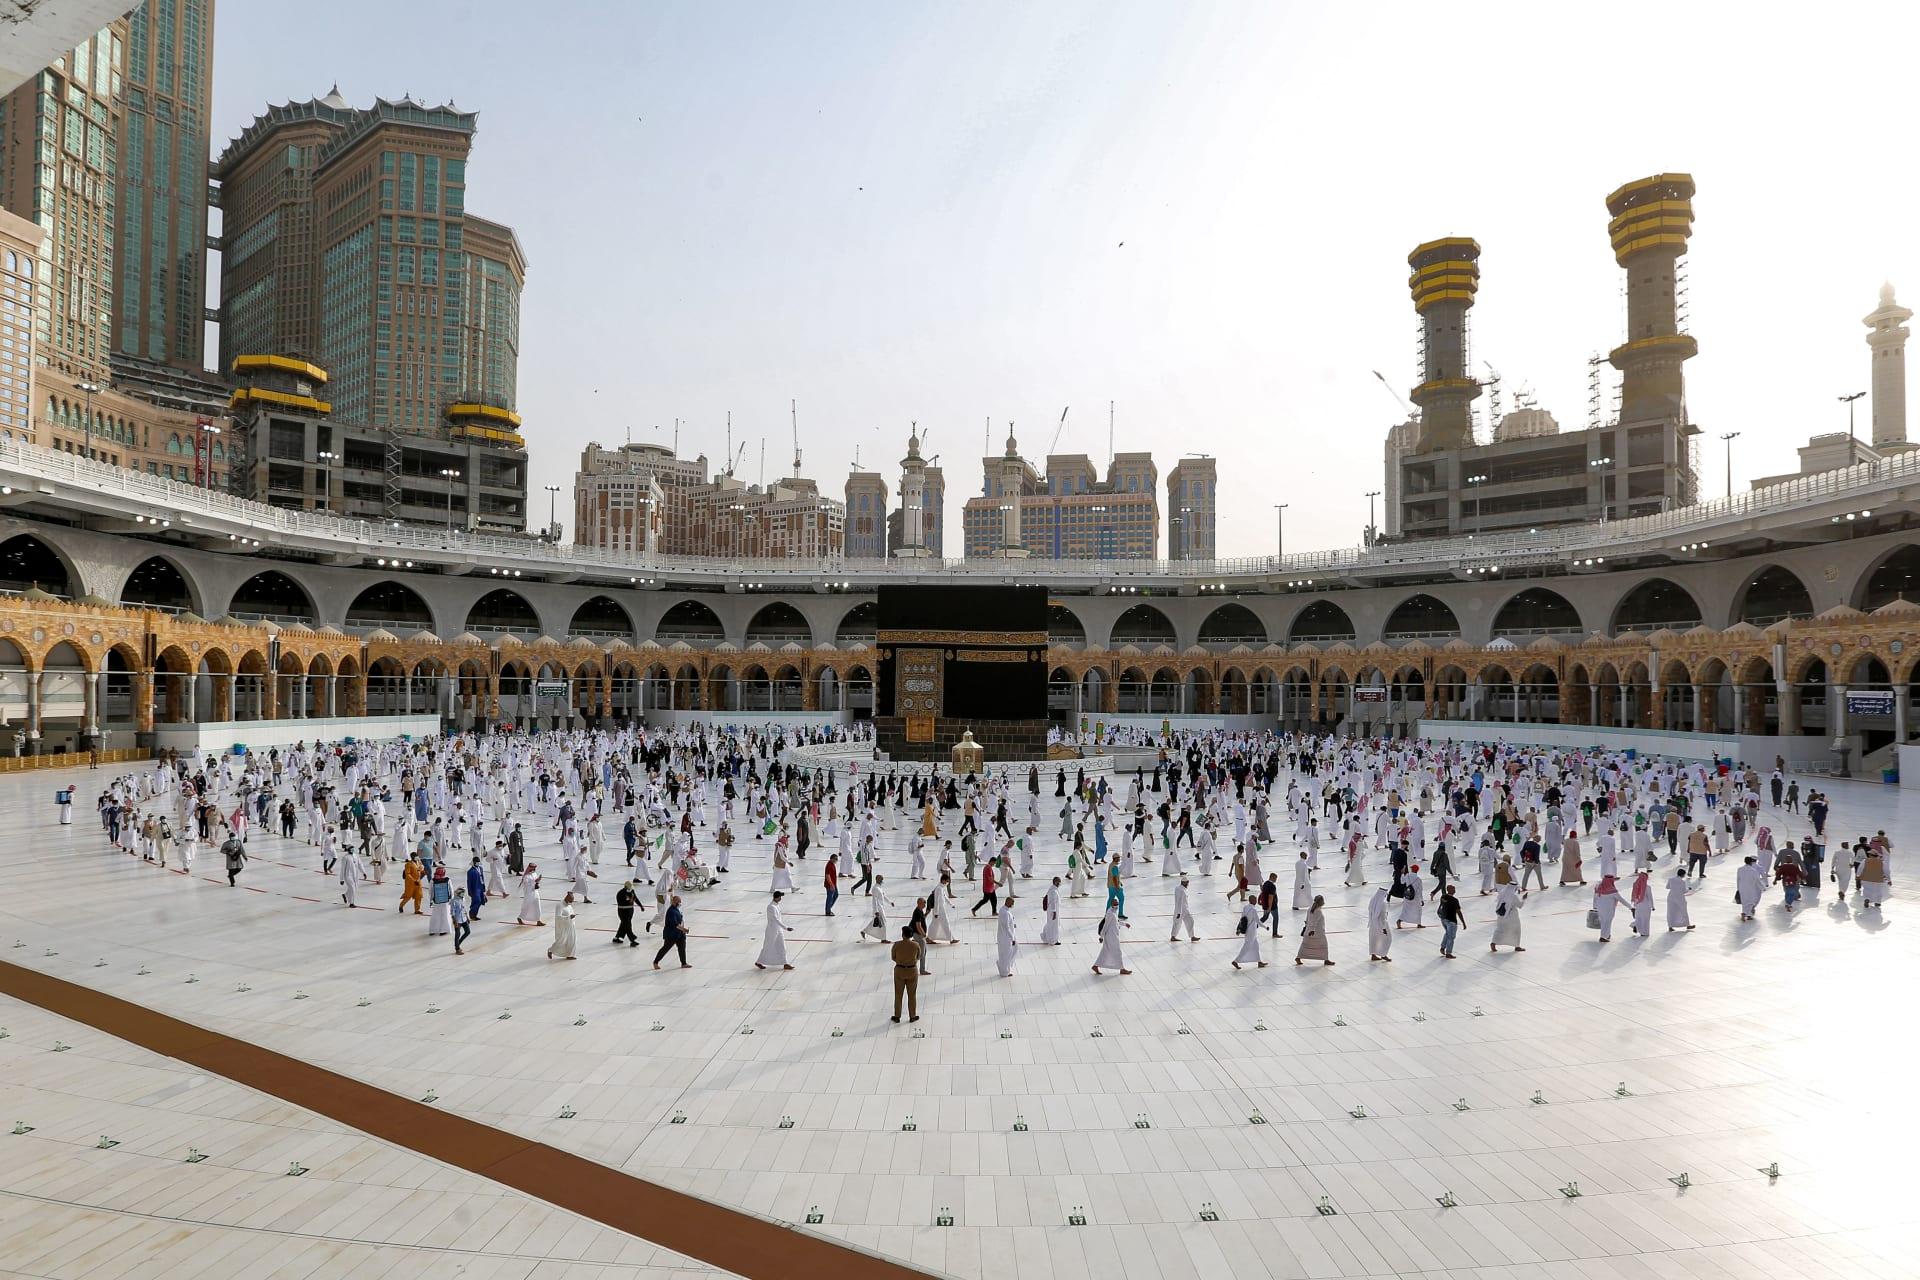 ممثل خامنئي يهاجم السعودية: قرار الحج صدر دون تشاور أو رد على استفساراتنا